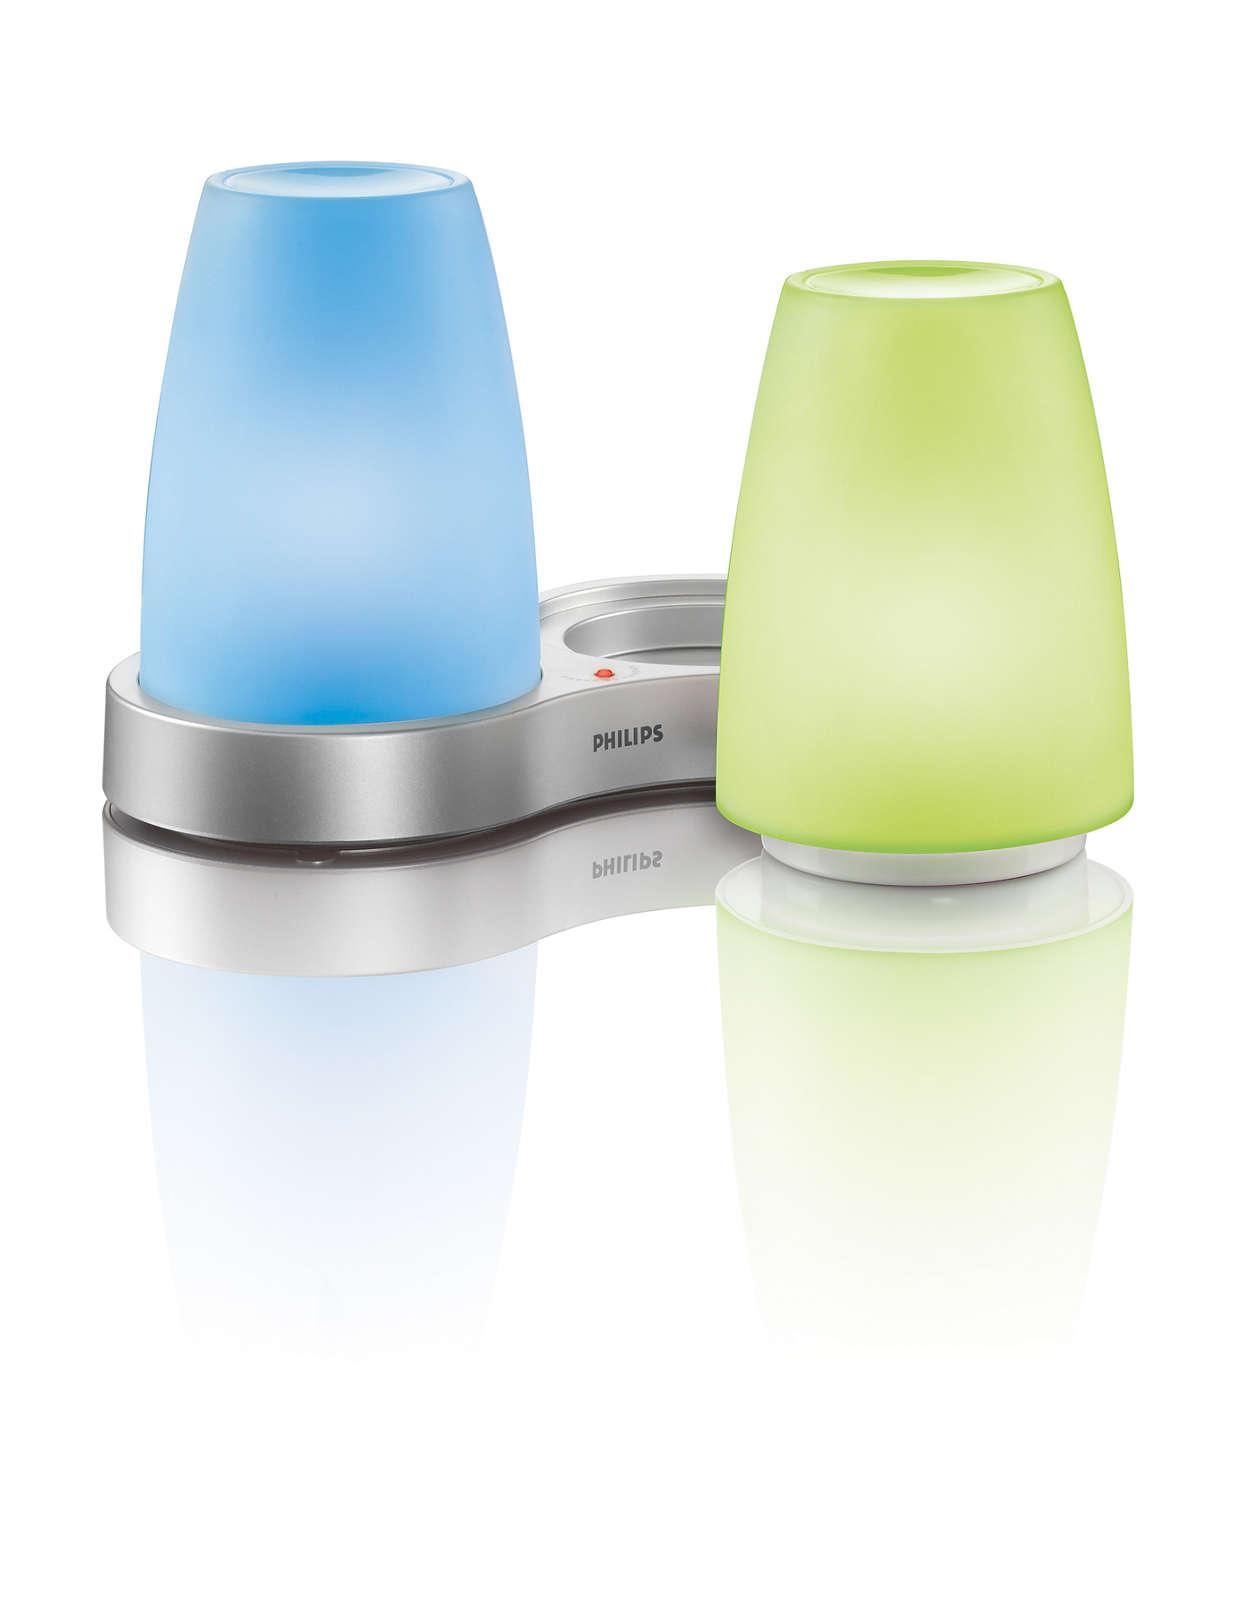 Crea un ambiente luminoso y lleno de color en tu hogar